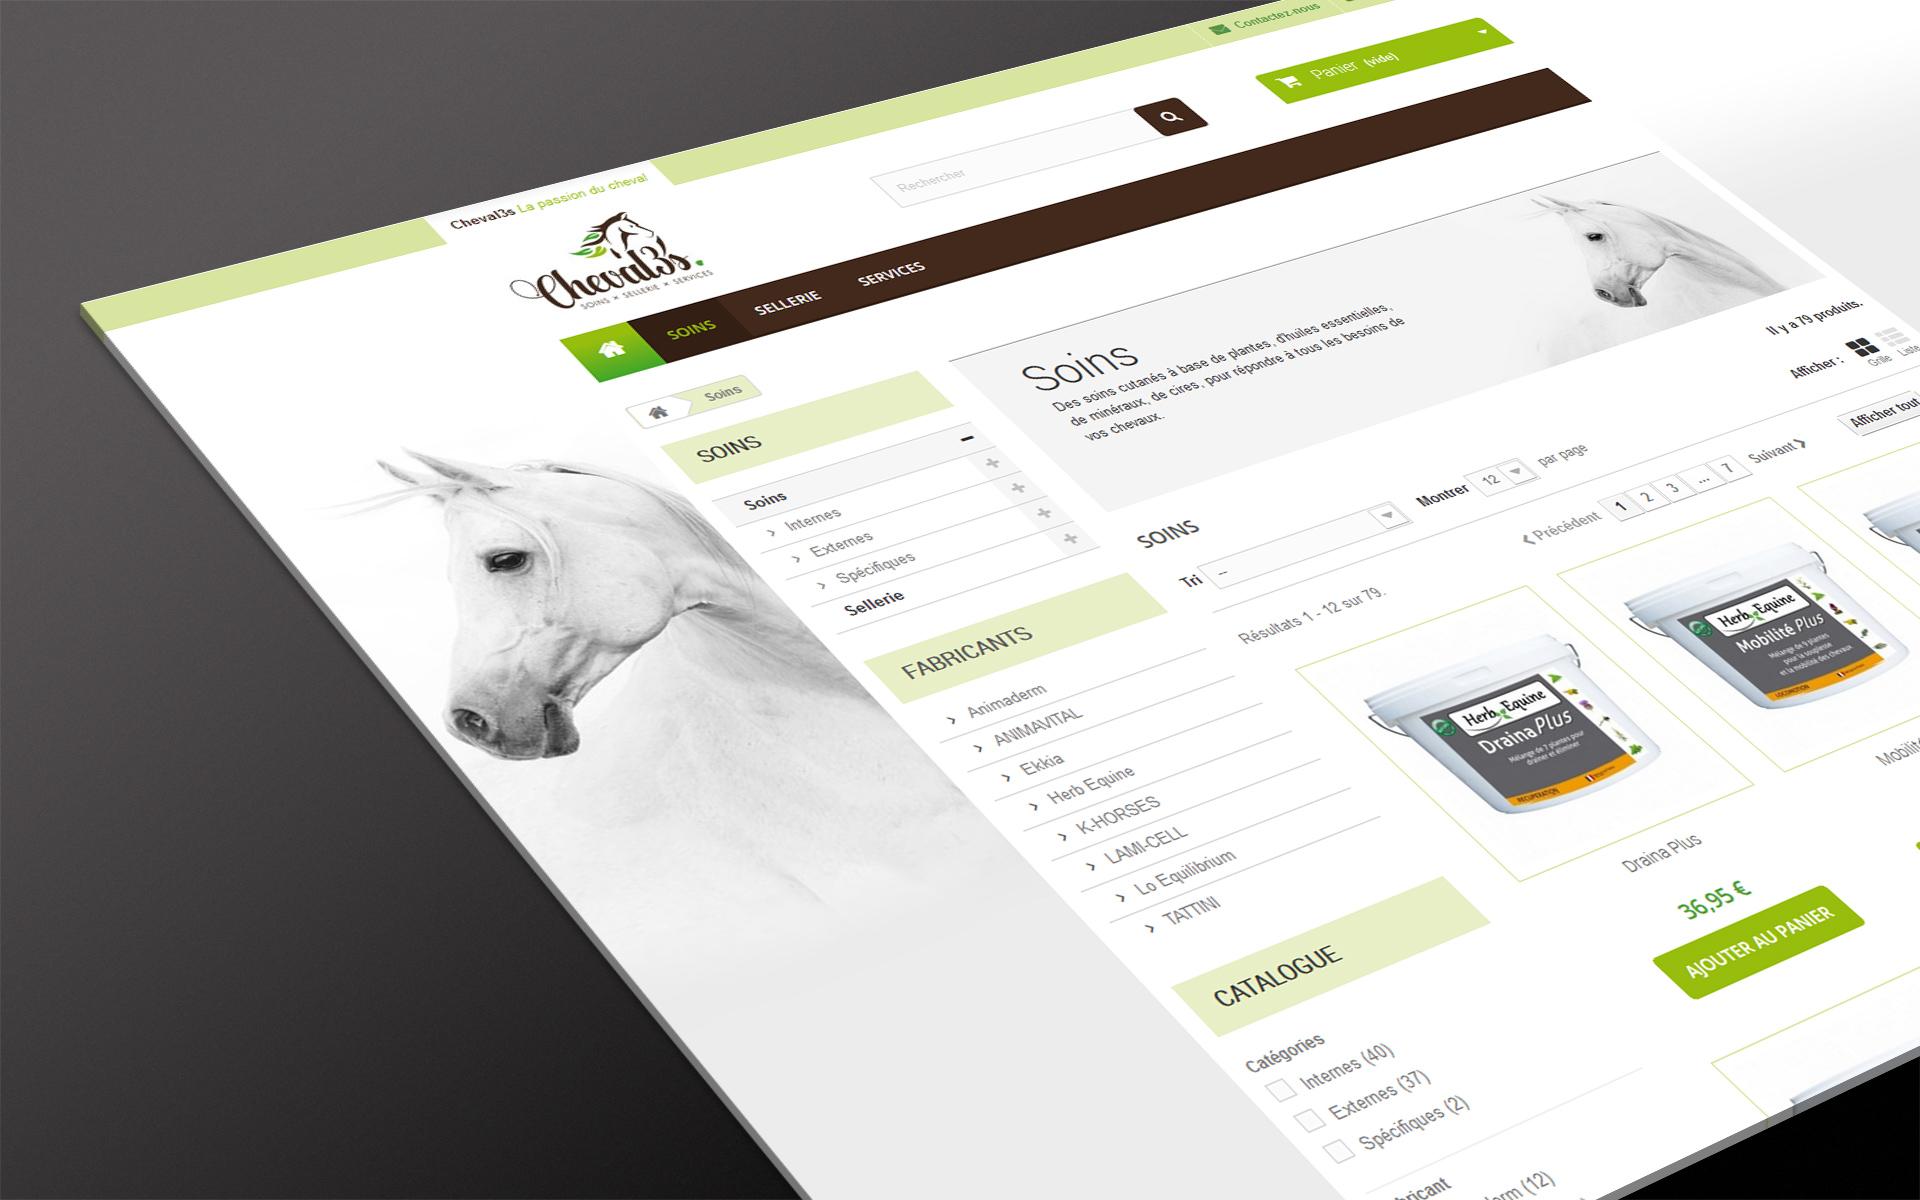 c3swebsite_2_details.jpg